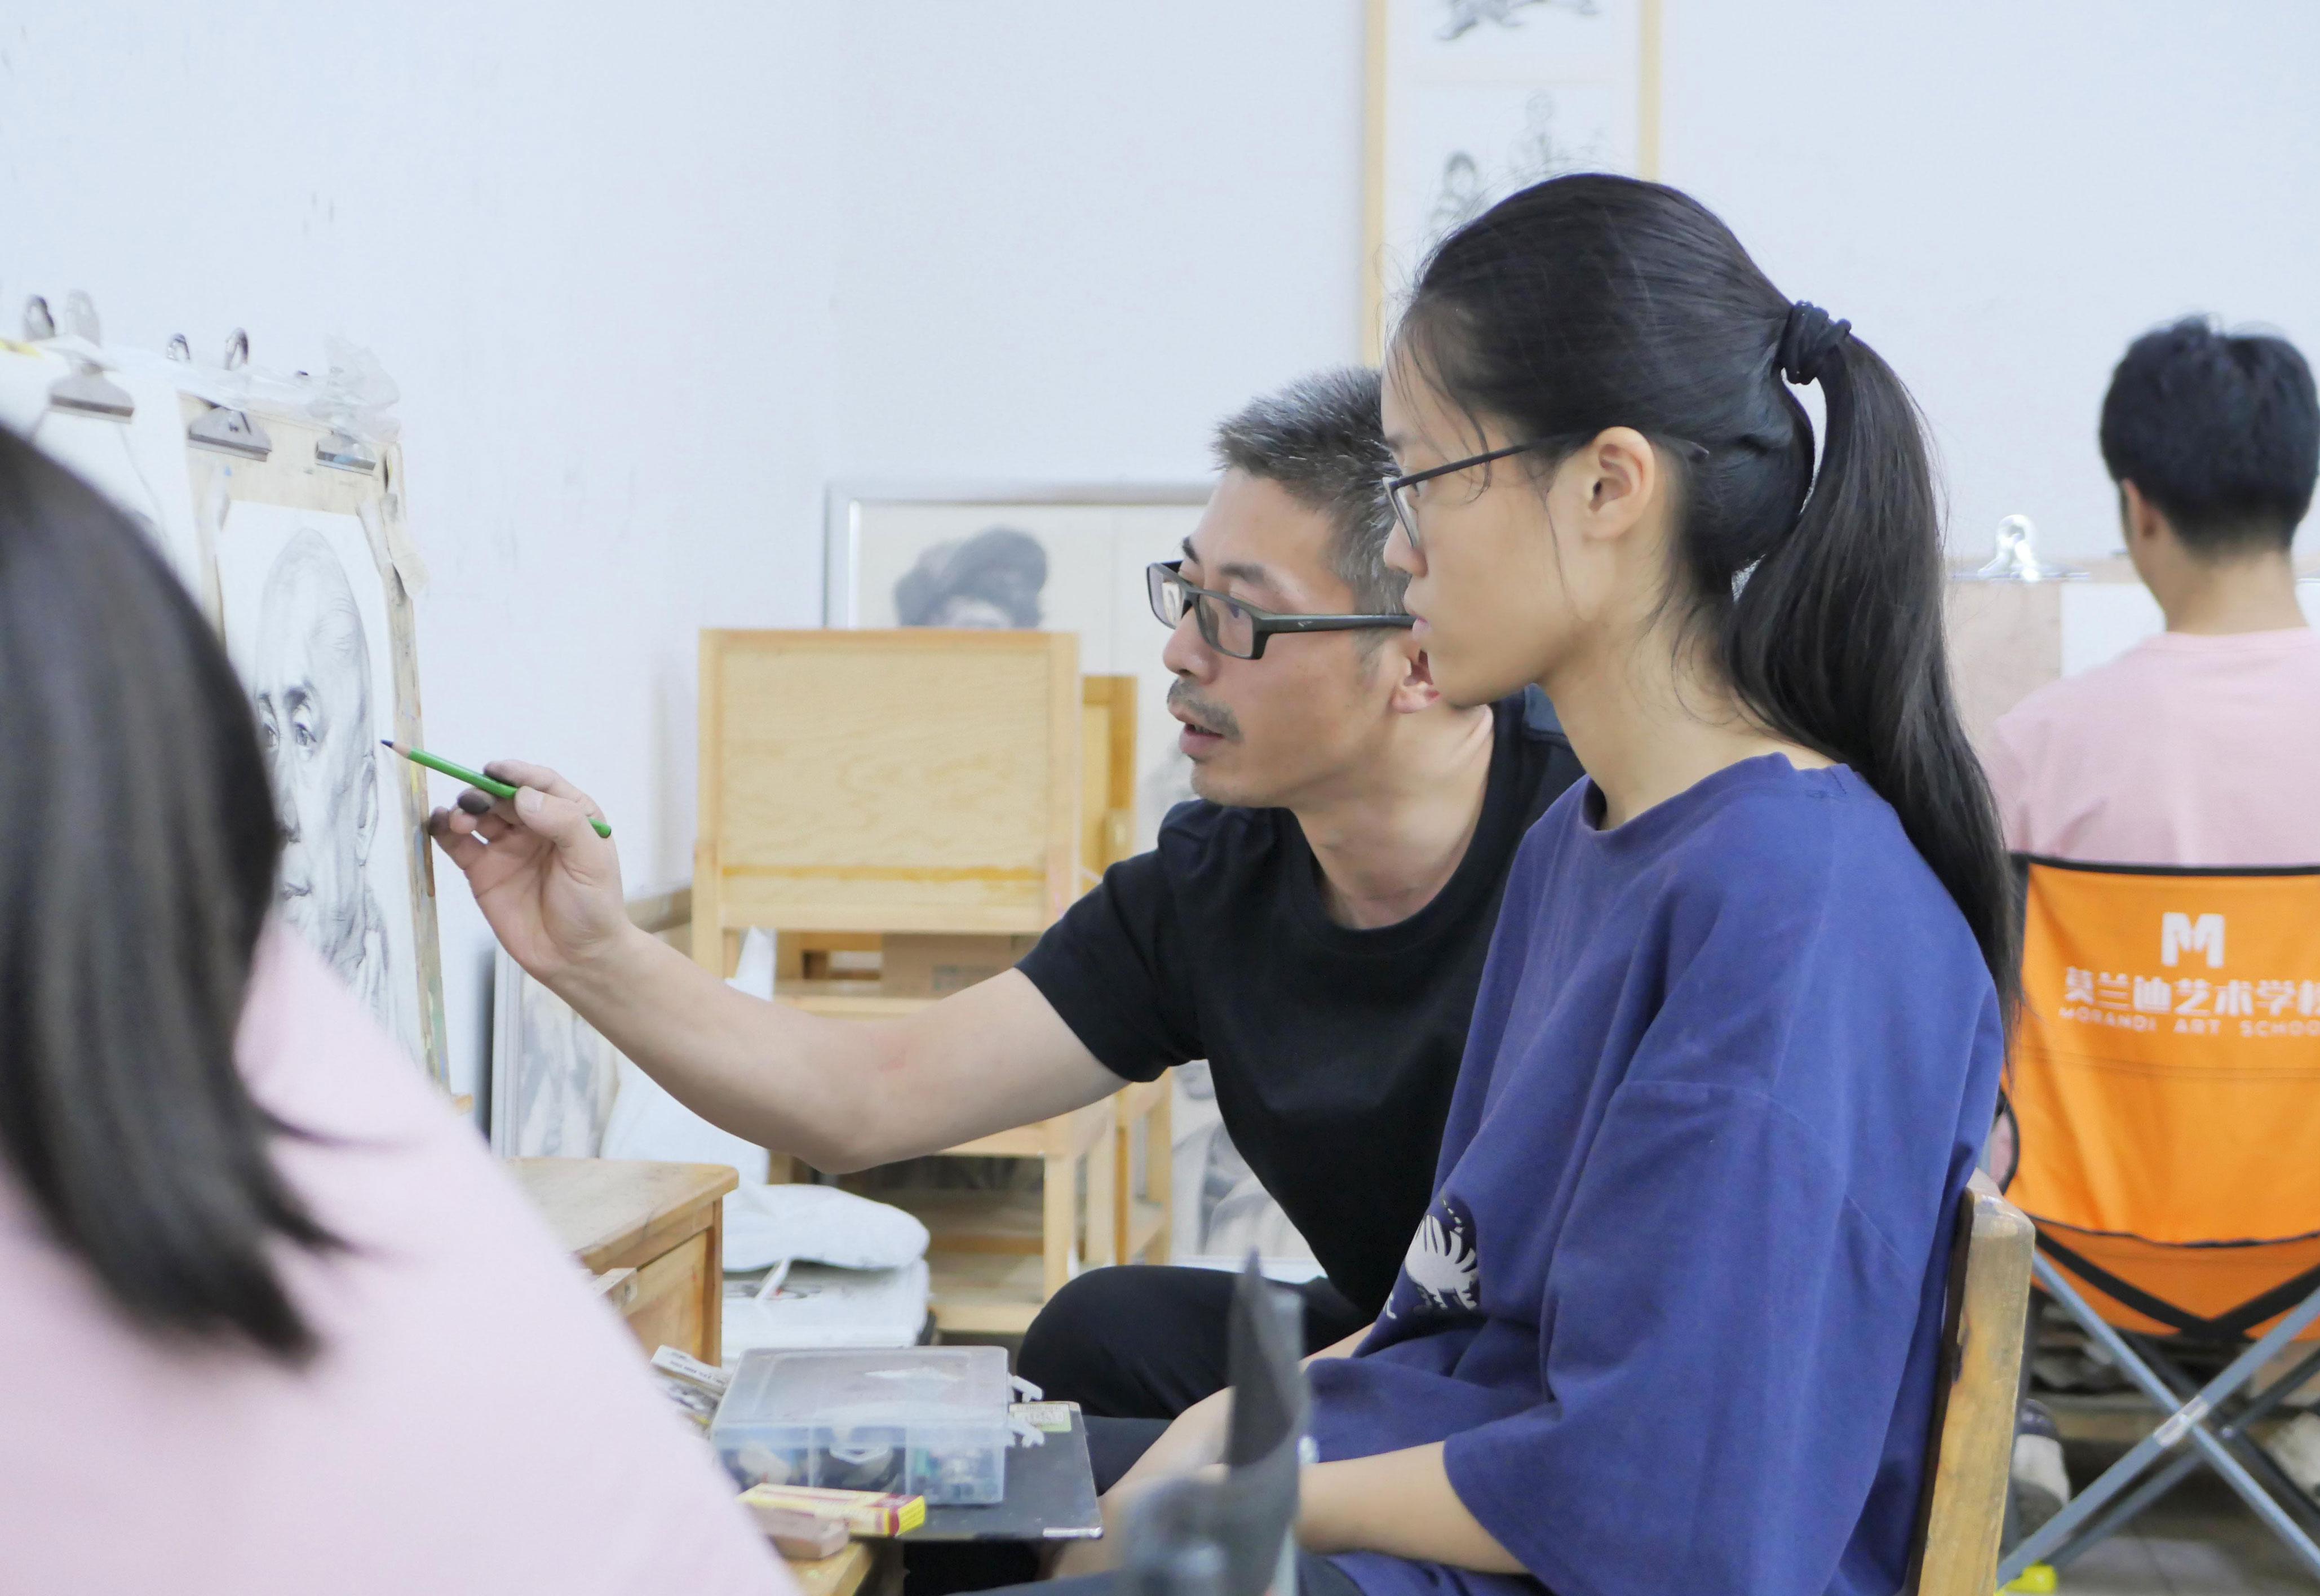 最新公布 九大美院與六大藝術學院的區別,美術生必看